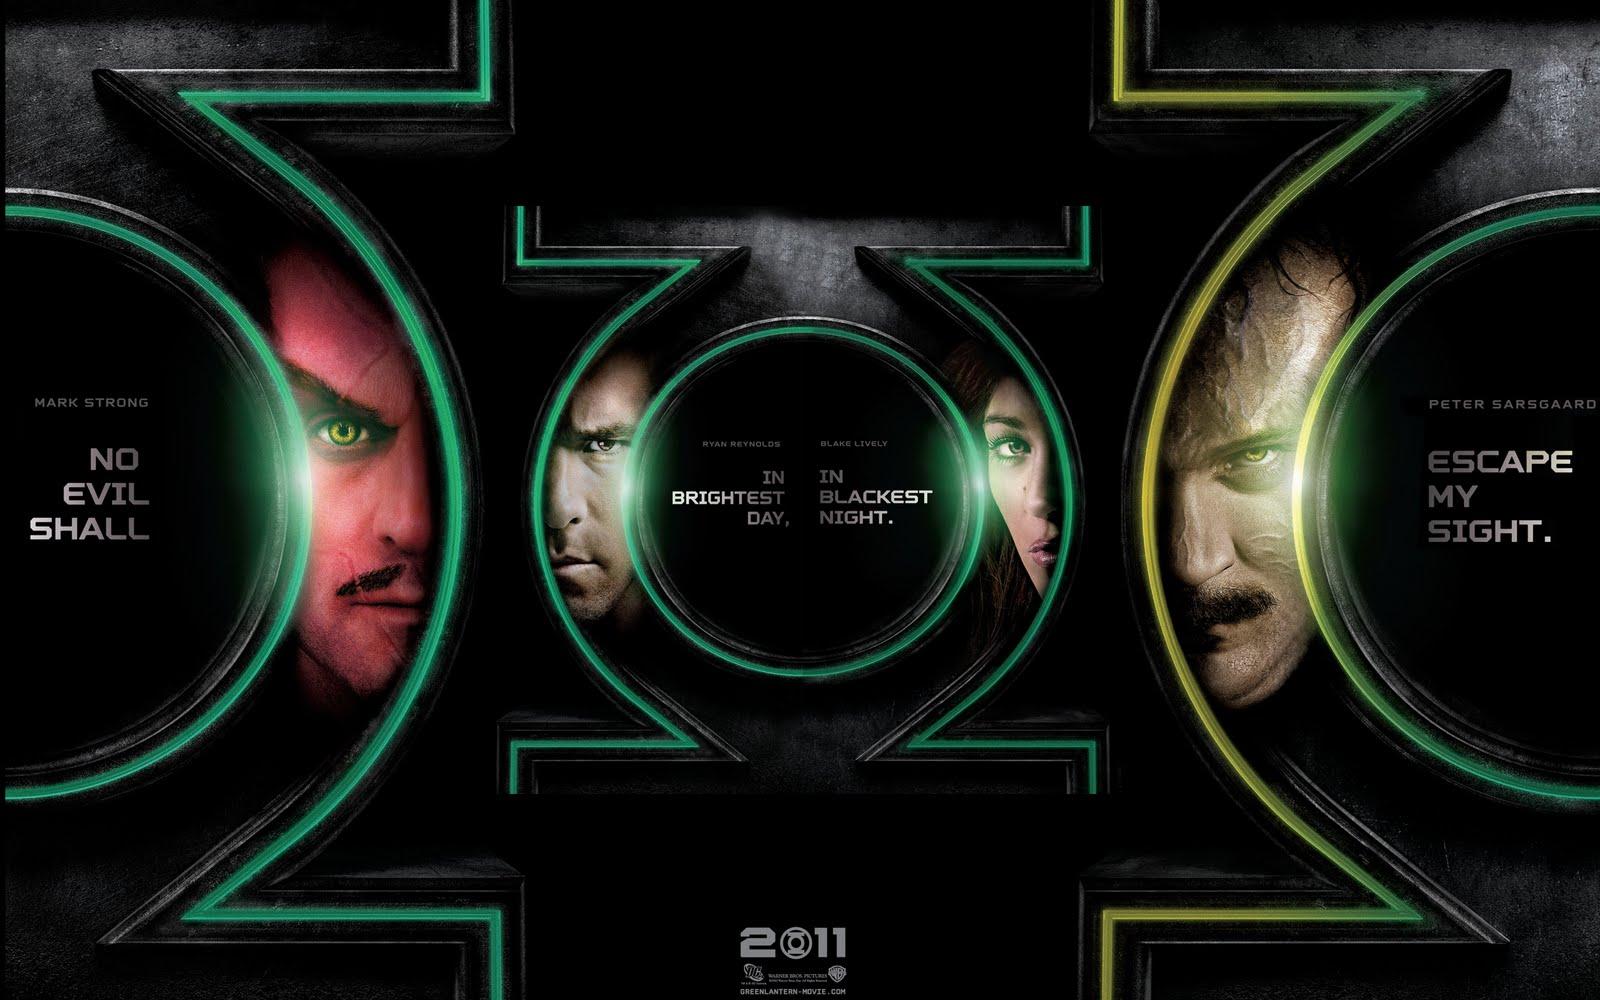 http://4.bp.blogspot.com/-BMZyFyhWv-U/TcNDvotc8II/AAAAAAAABjs/Srq1myUiE1c/s1600/Green-Lantern-2011-Widescreen-Wallpapers-8.jpg